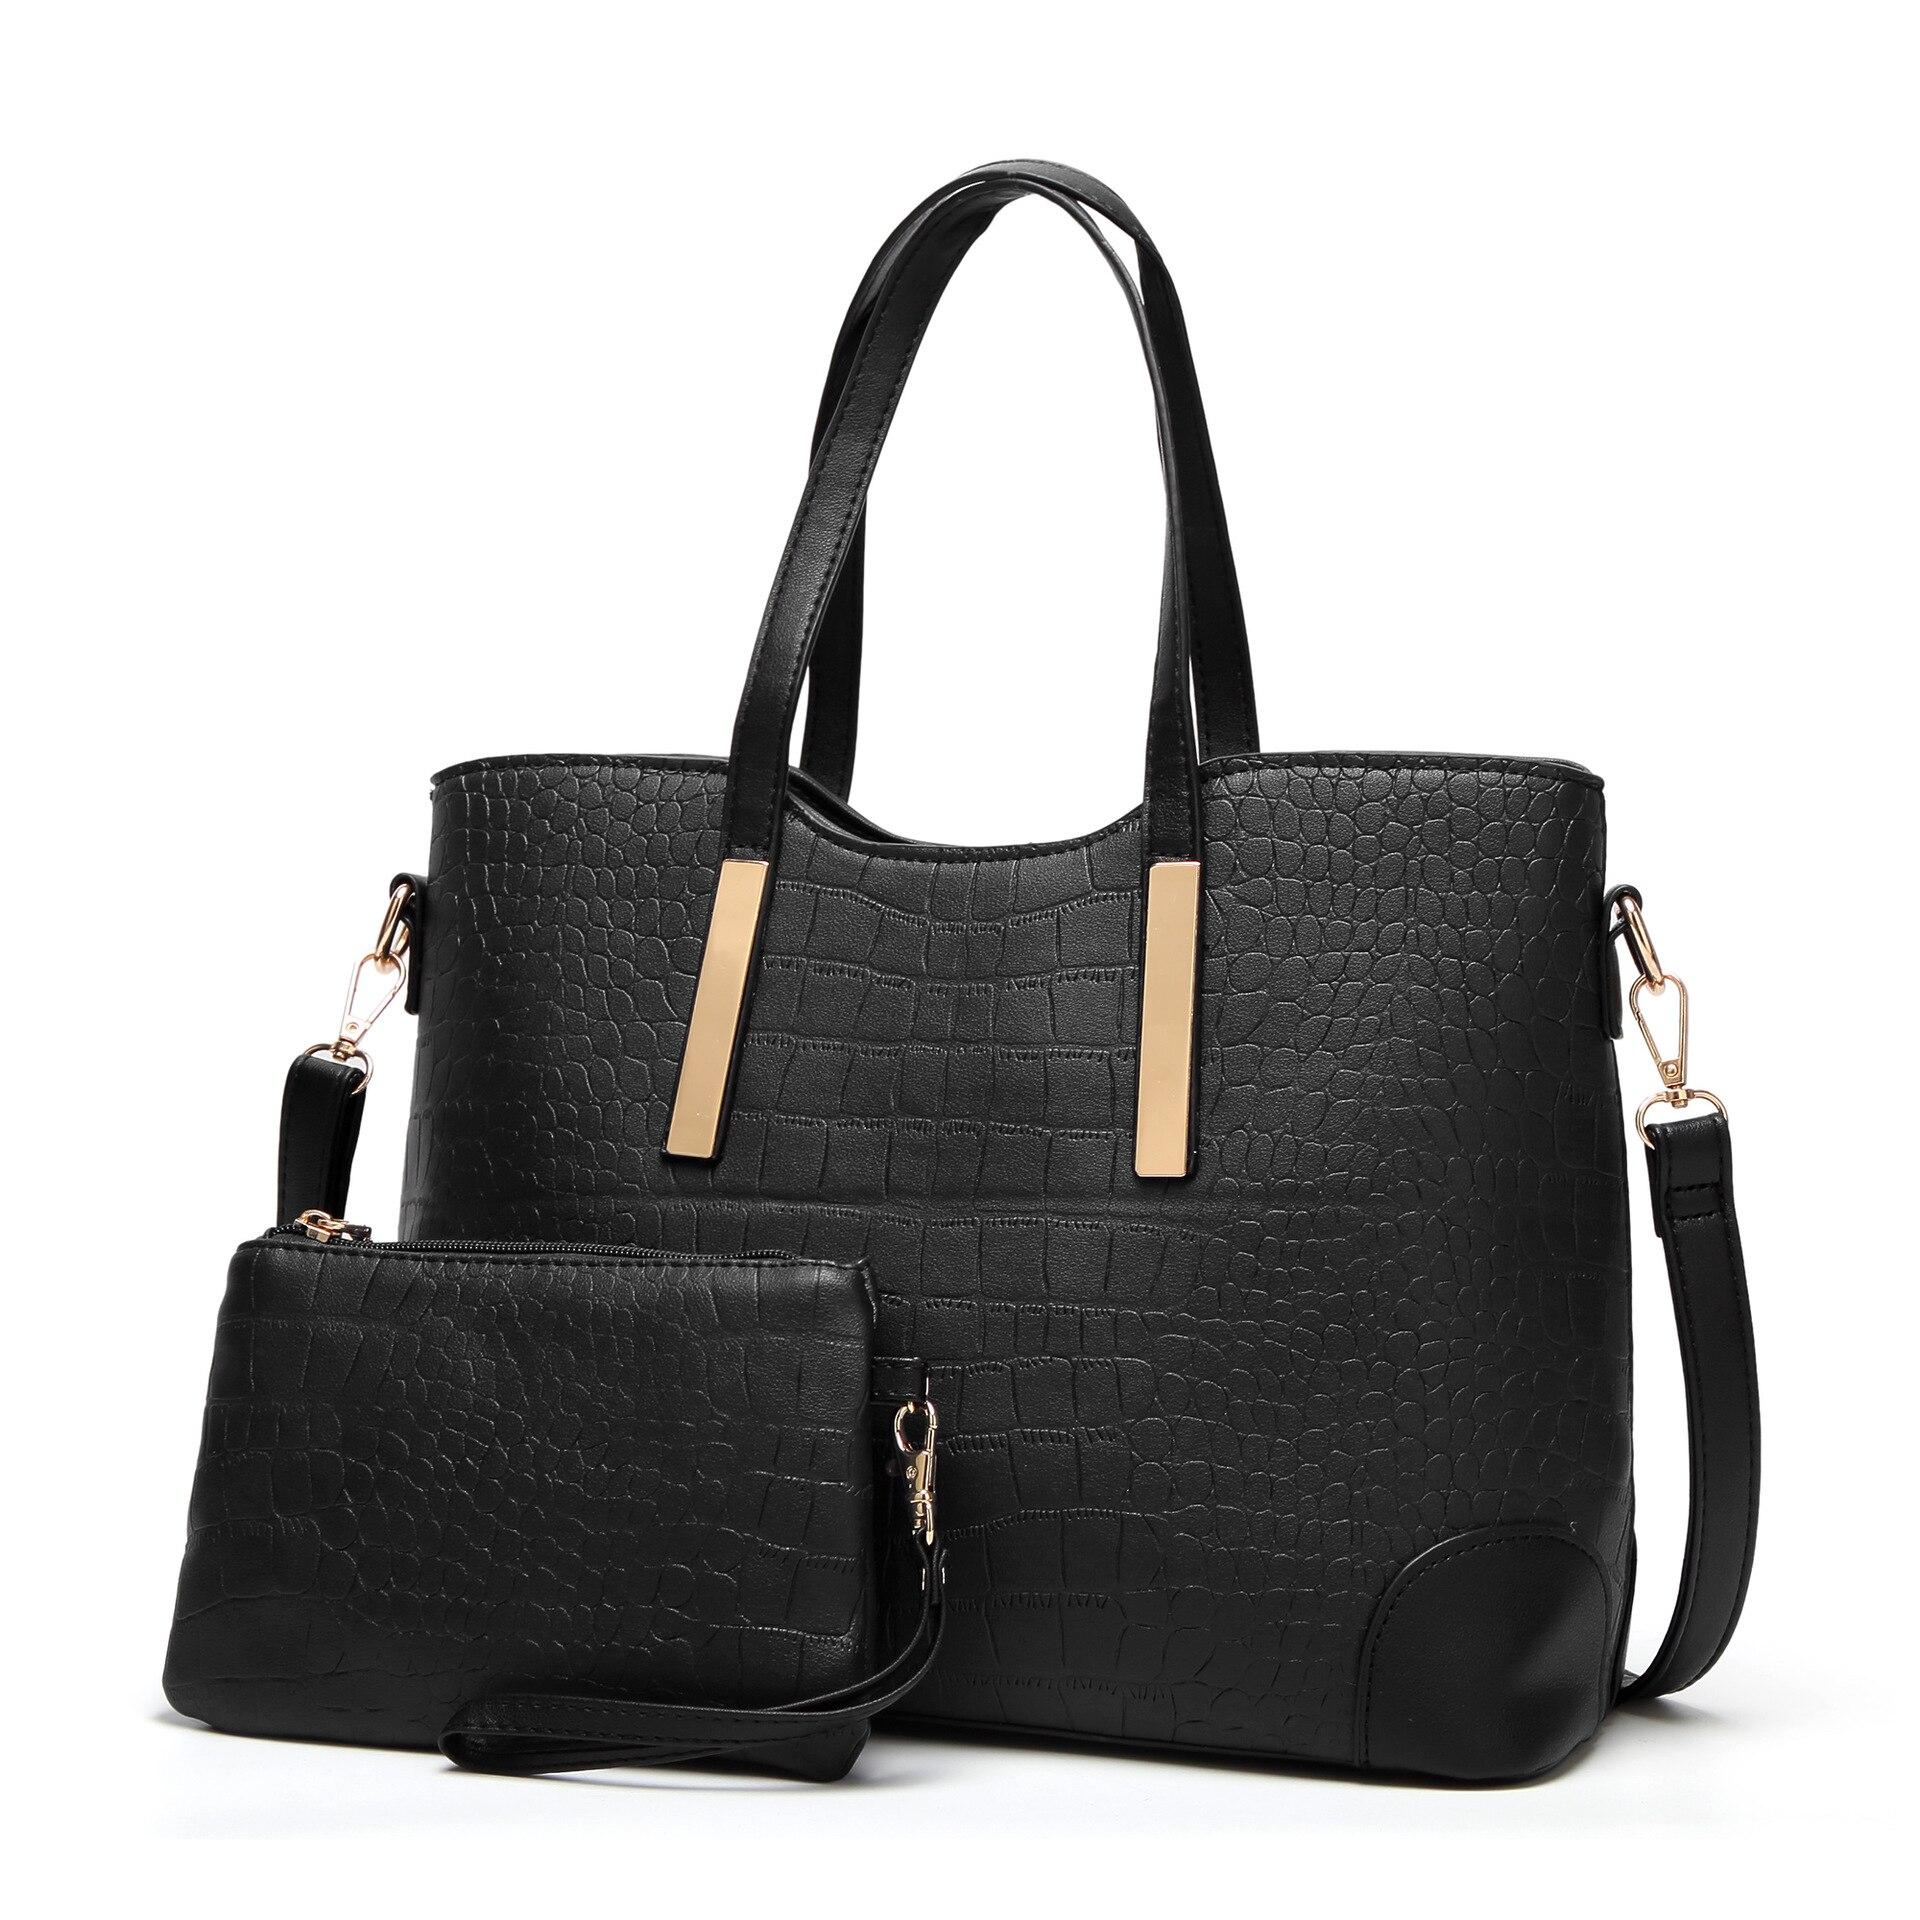 31c250532f2d Luxus Crocodile Skin Női táskák Nagy kapacitású táskák + kis ...